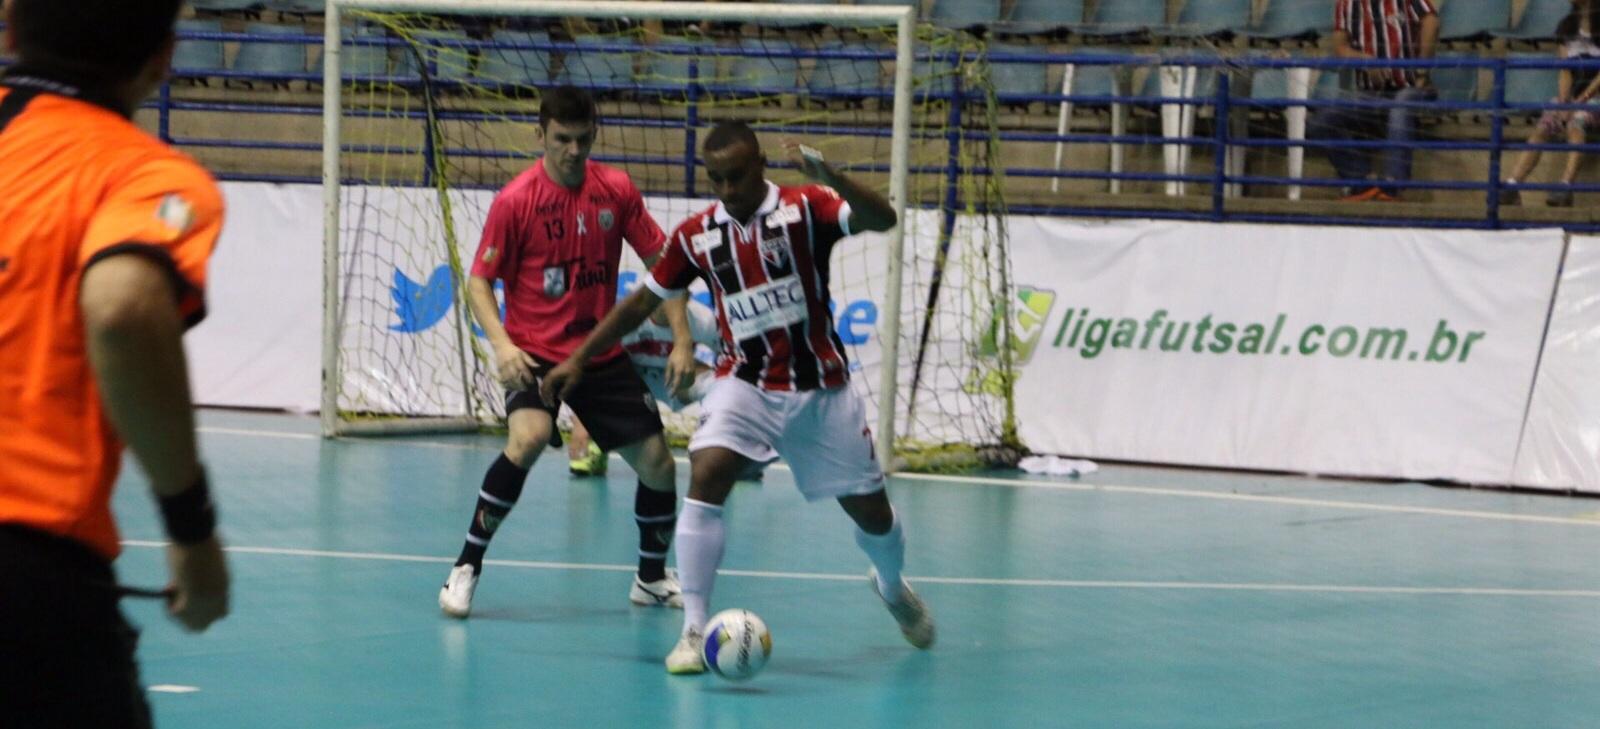 Jaraguá Futsal vence São Paulo na última rodada e se classifica em 2º na LNF